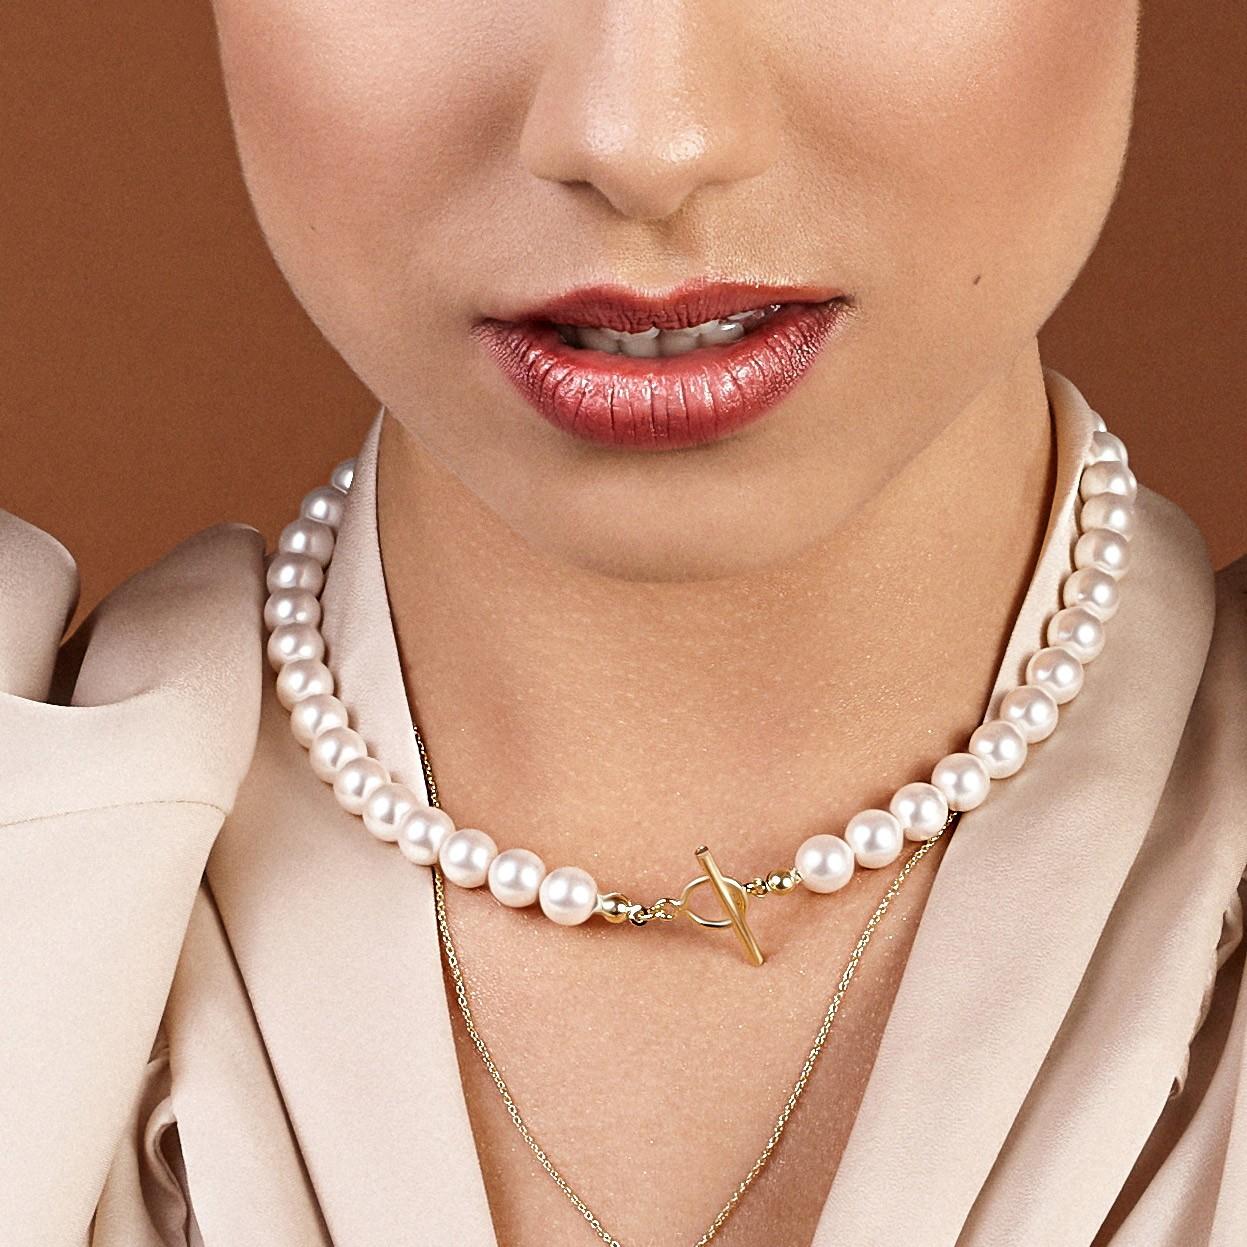 Srebrny perłowy choker do podwieszania charmsów 925